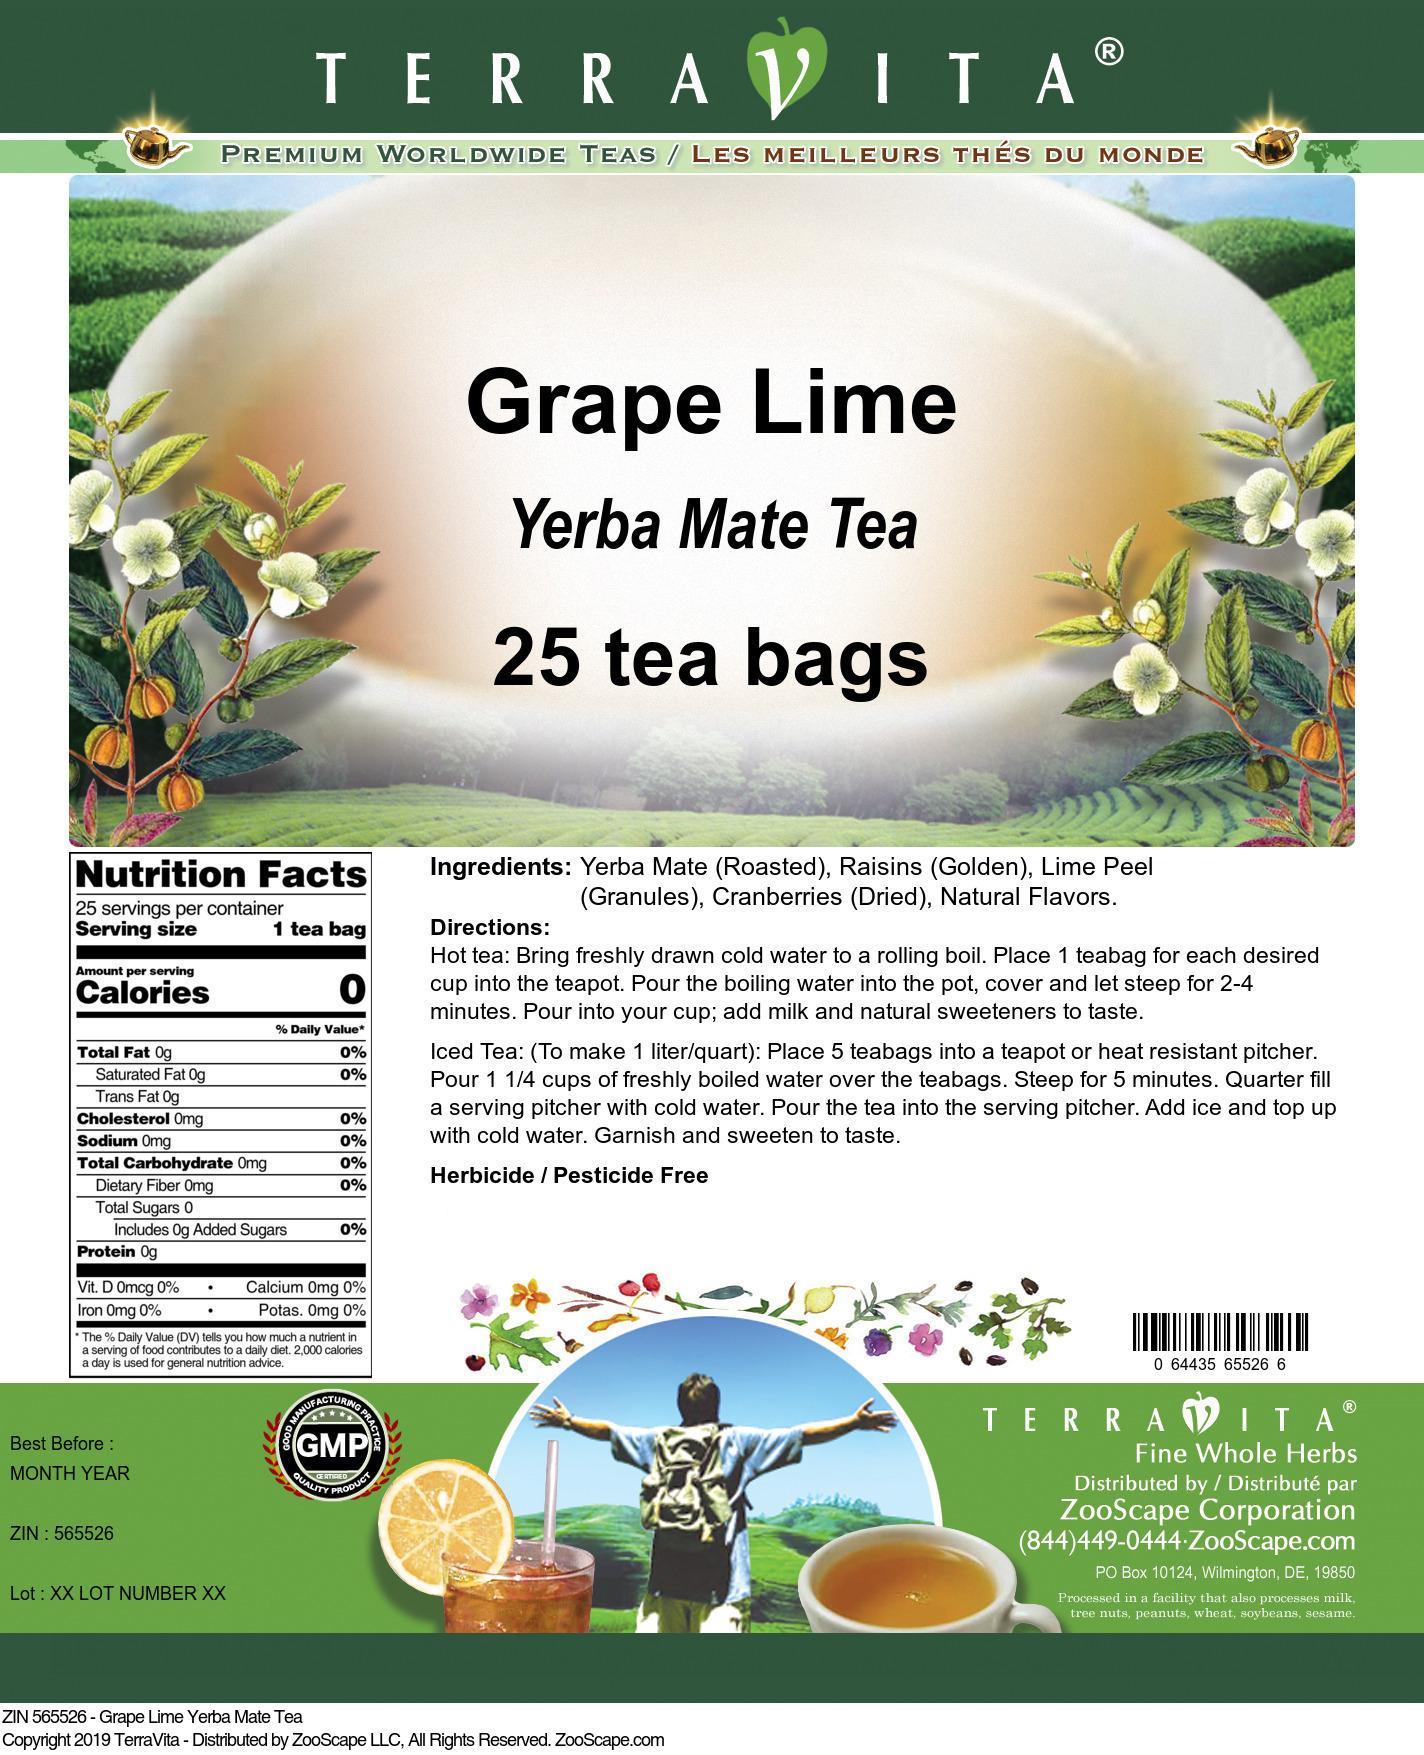 Grape Lime Yerba Mate Tea